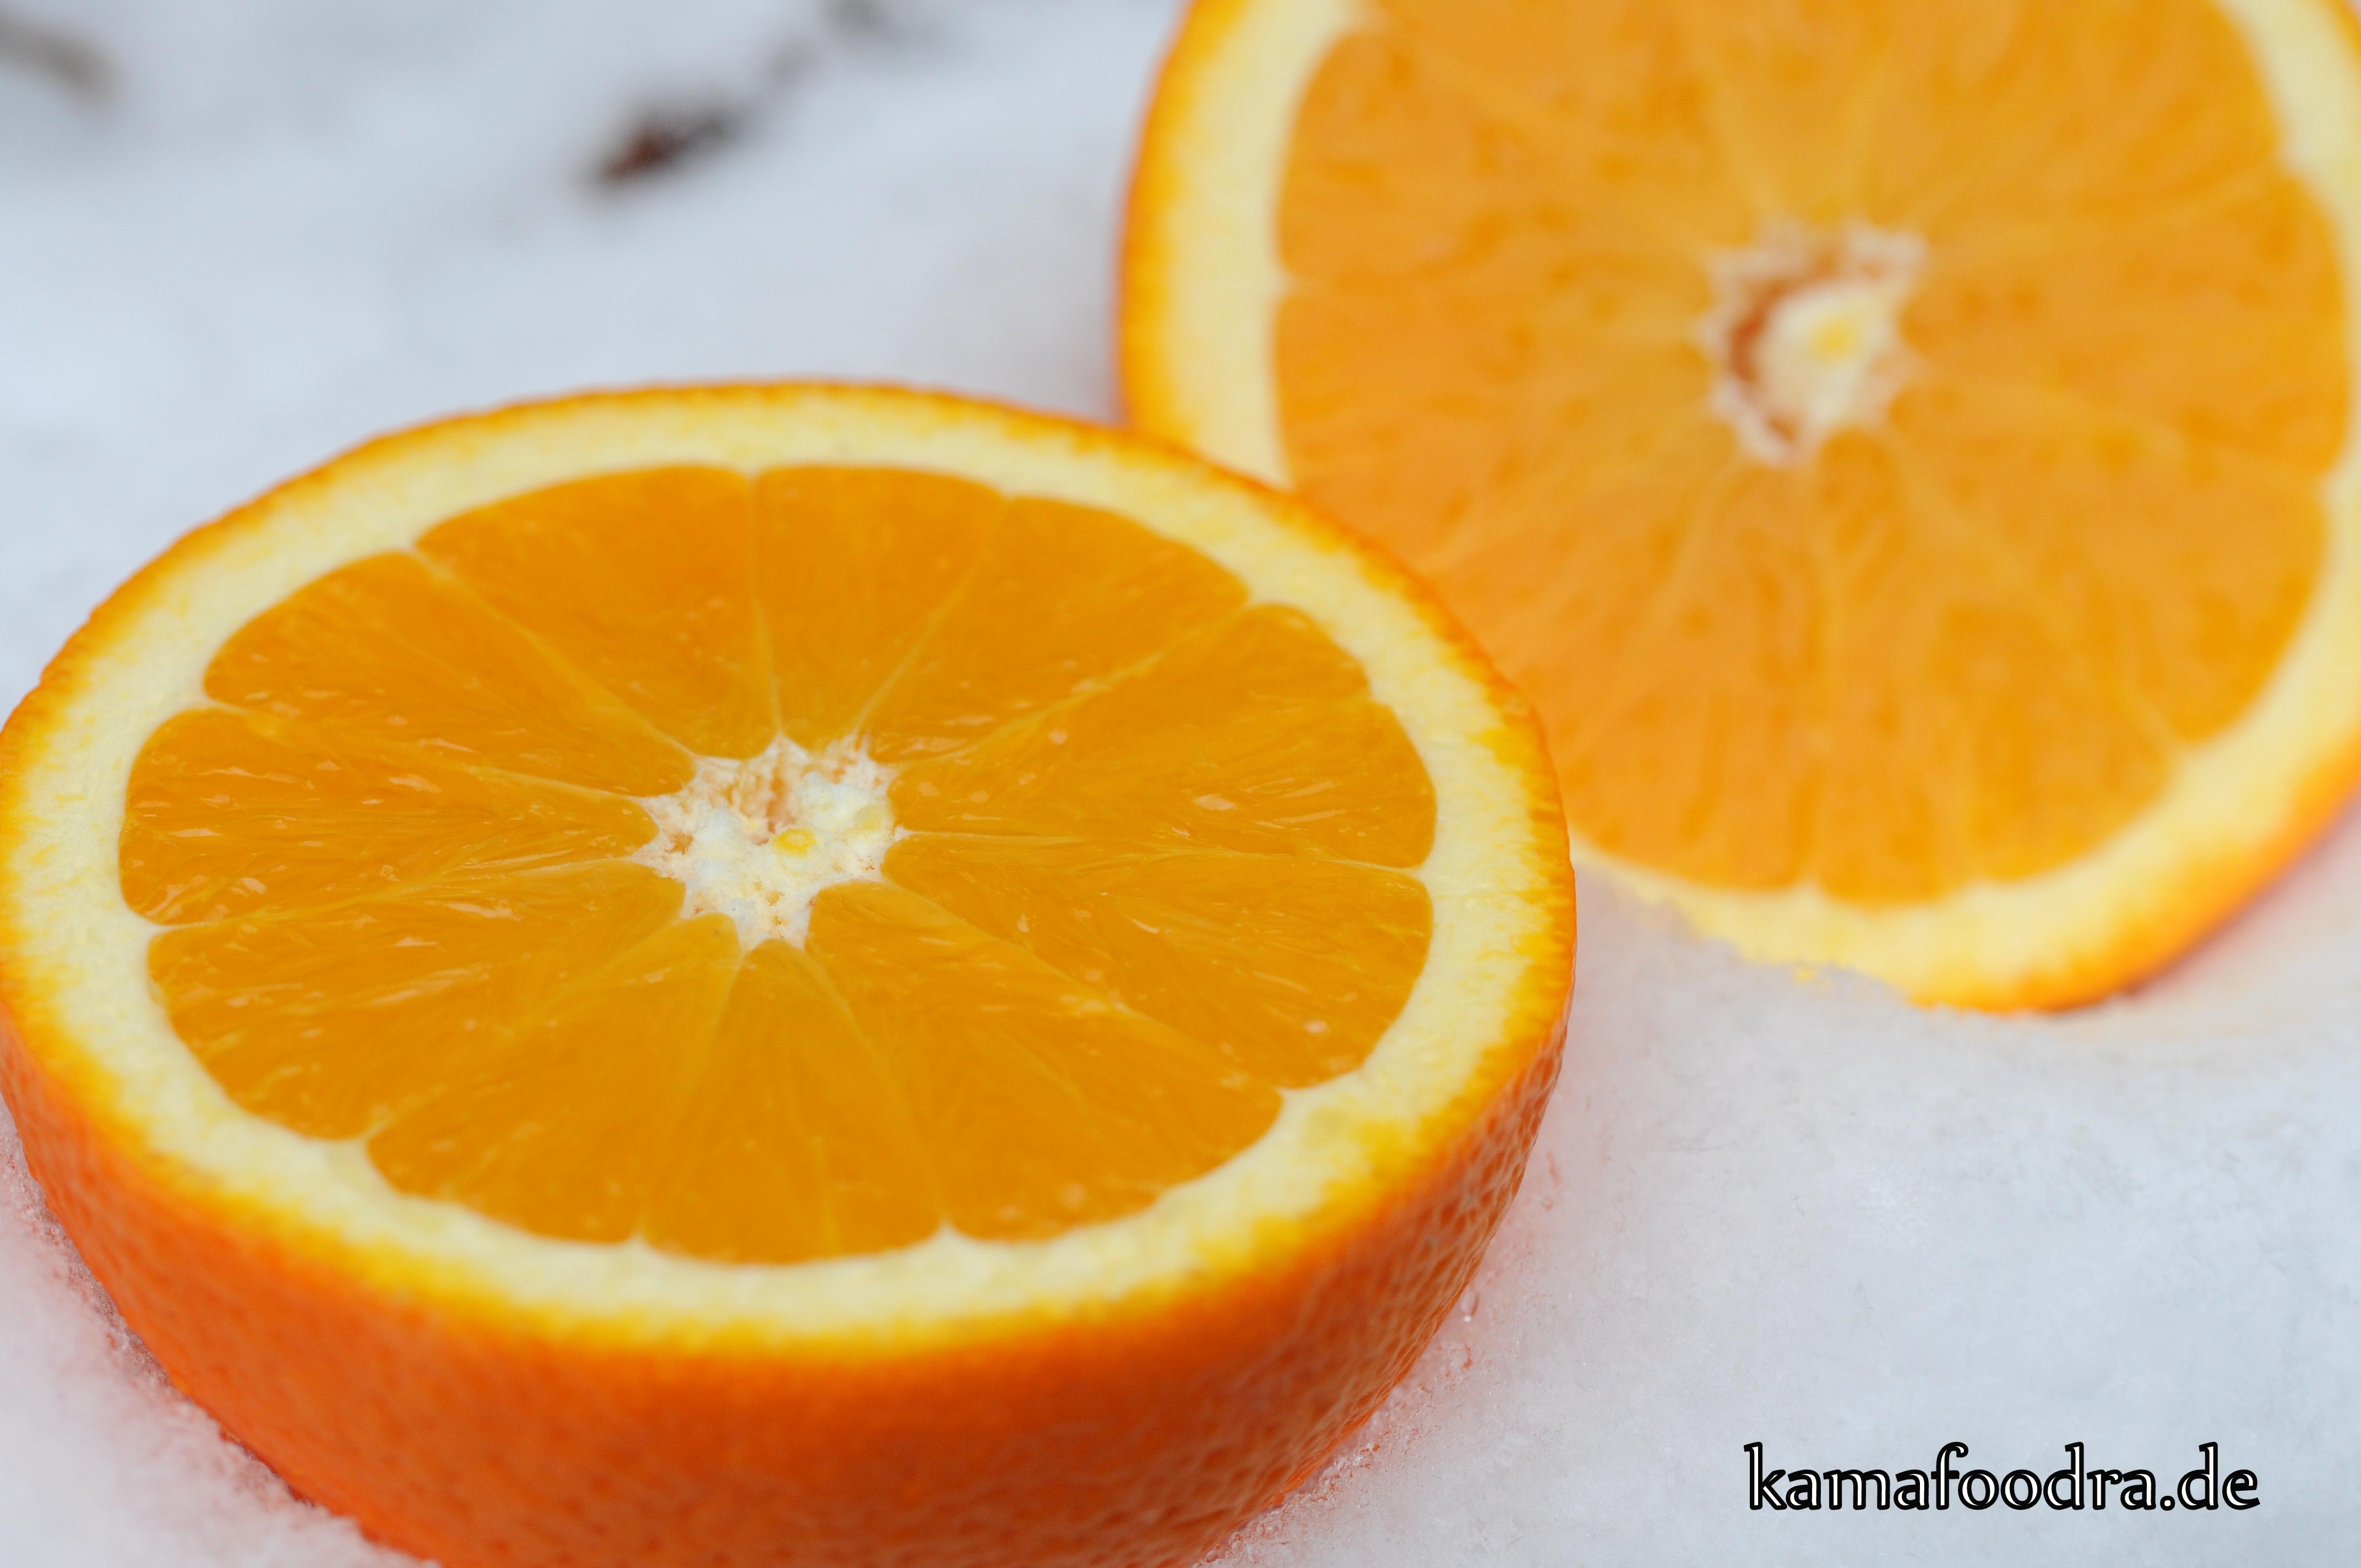 Orange_aufgeschn